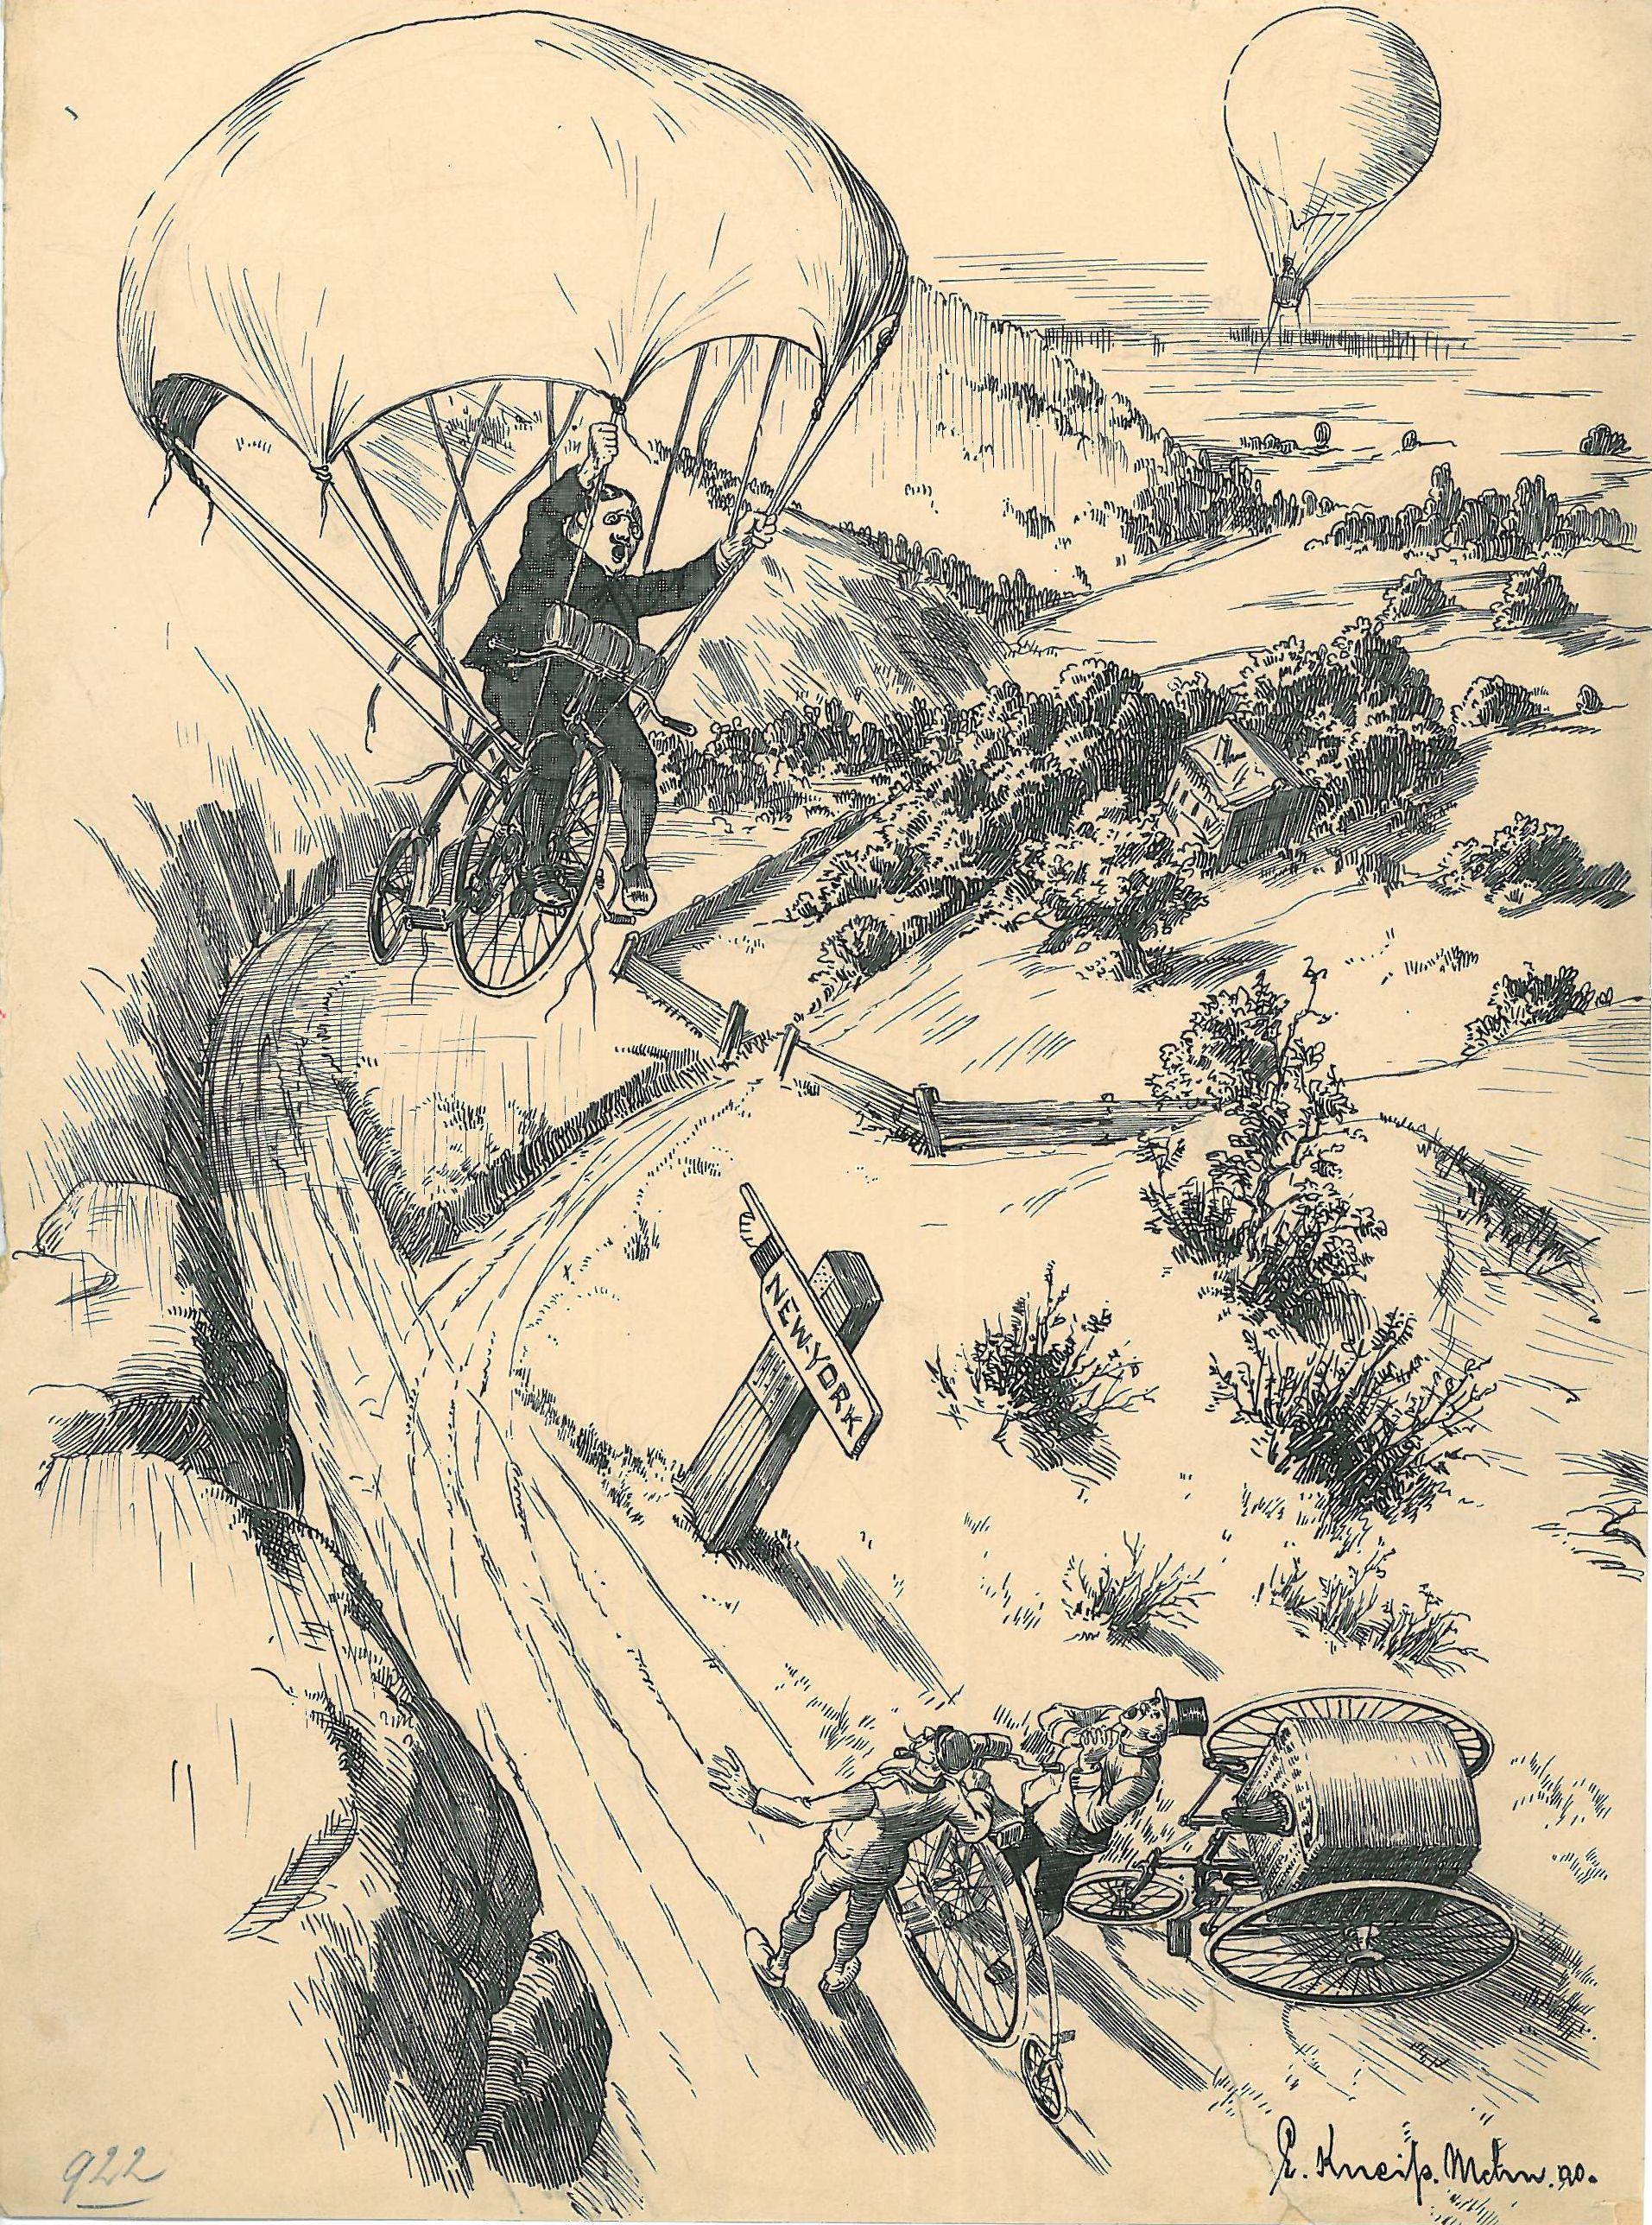 """Bild aus der """"Reise um die Erde auf dem Zweirad"""": Schnoddrig kehrt mit dem Fallschirm zur Erde zurück"""